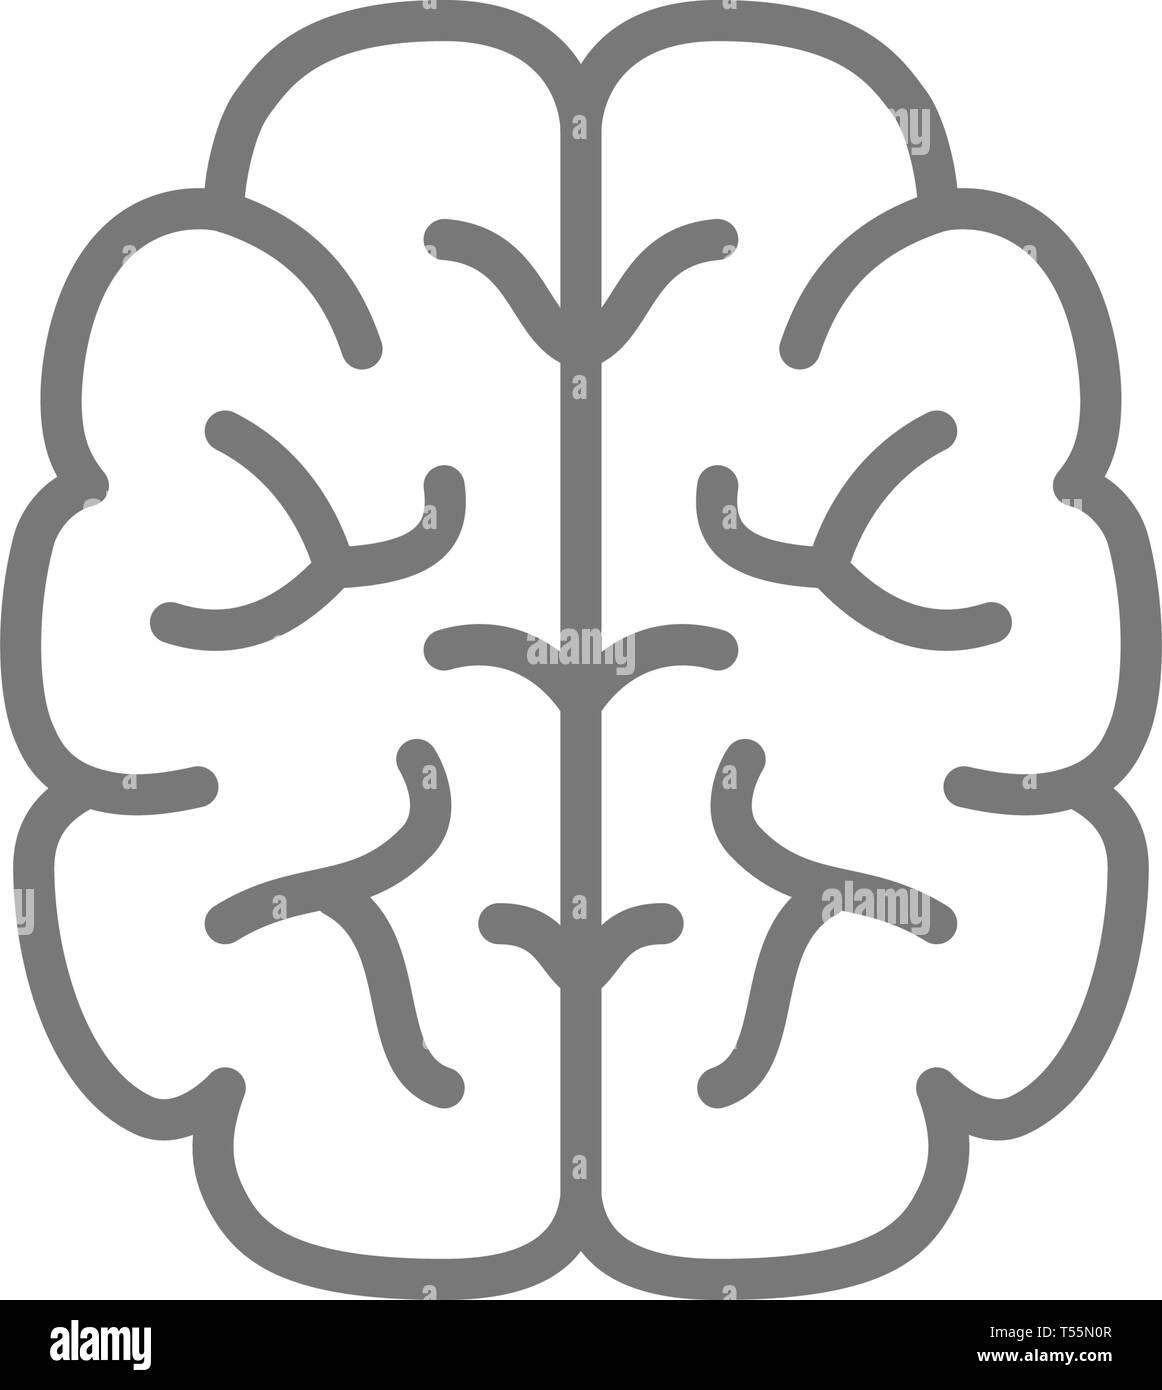 Brain, mind, intelligence line icon. - Stock Image